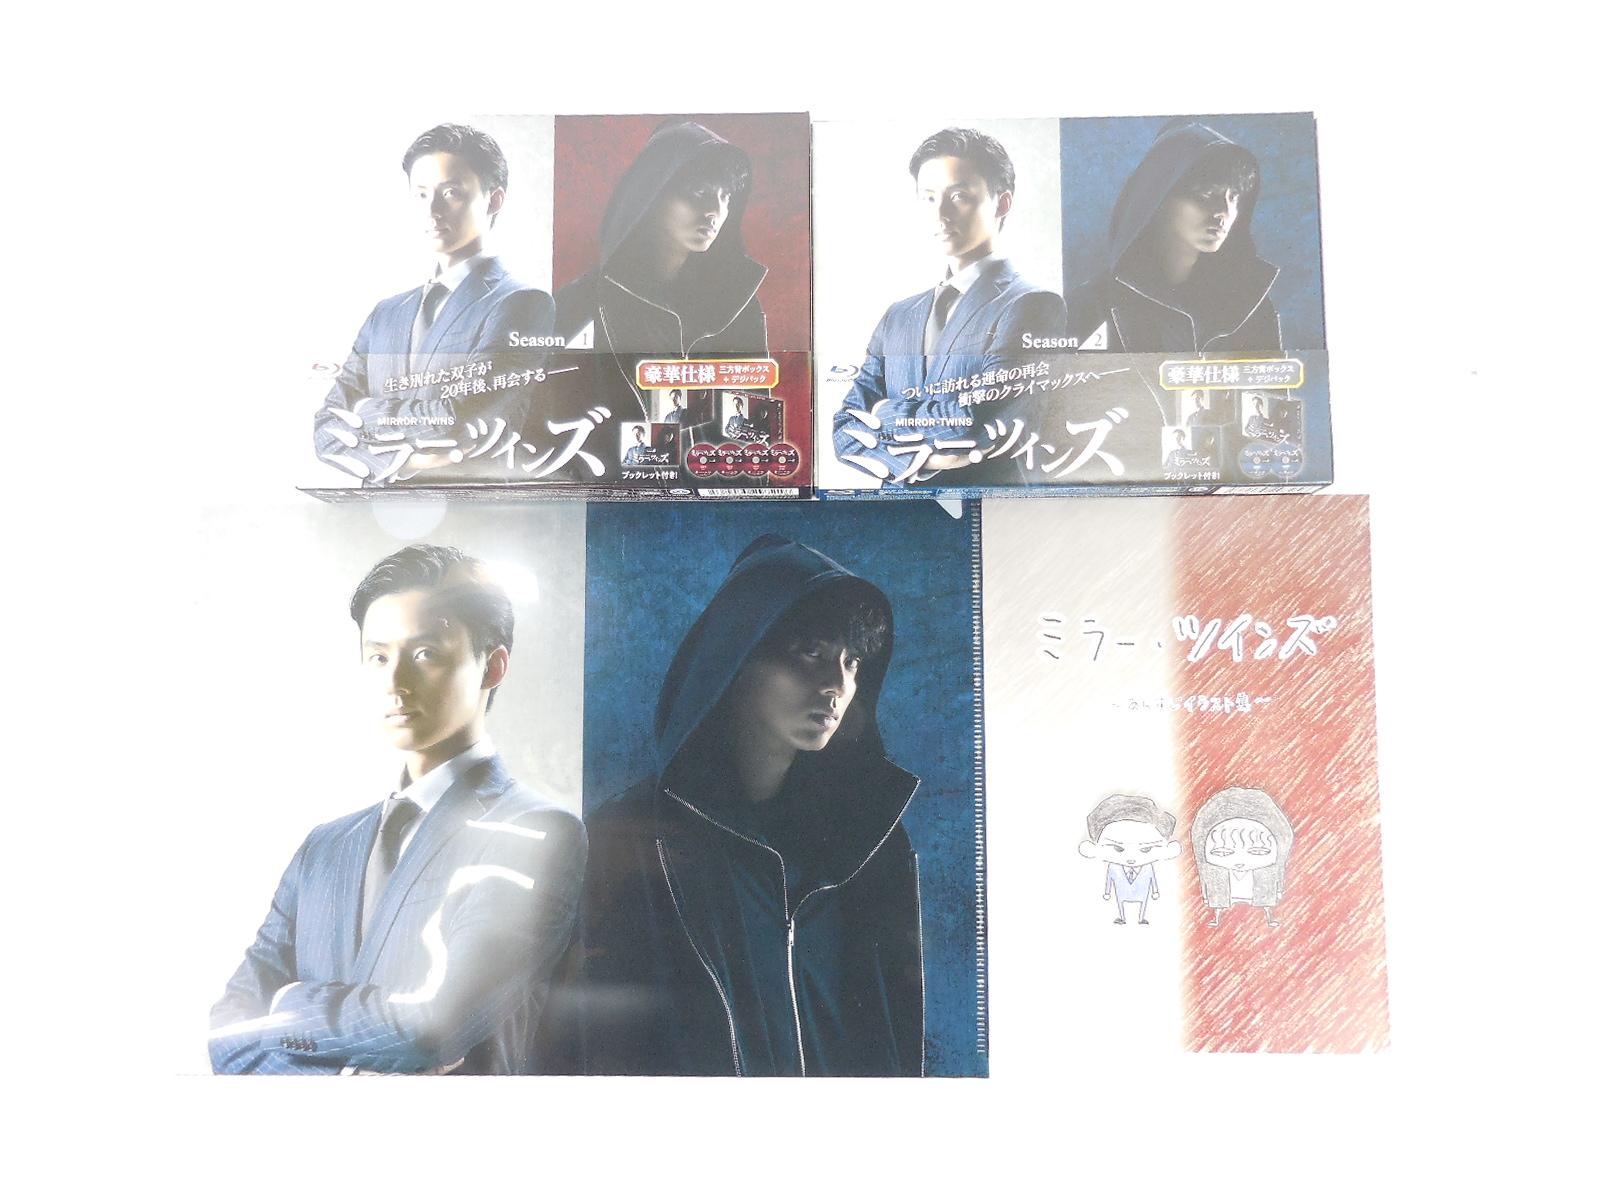 ミラー・ツインズ Blu-ray-BOX Season1 + Season2 セット クリアファイル・あらすじイラスト集付き 【Blu-ray】